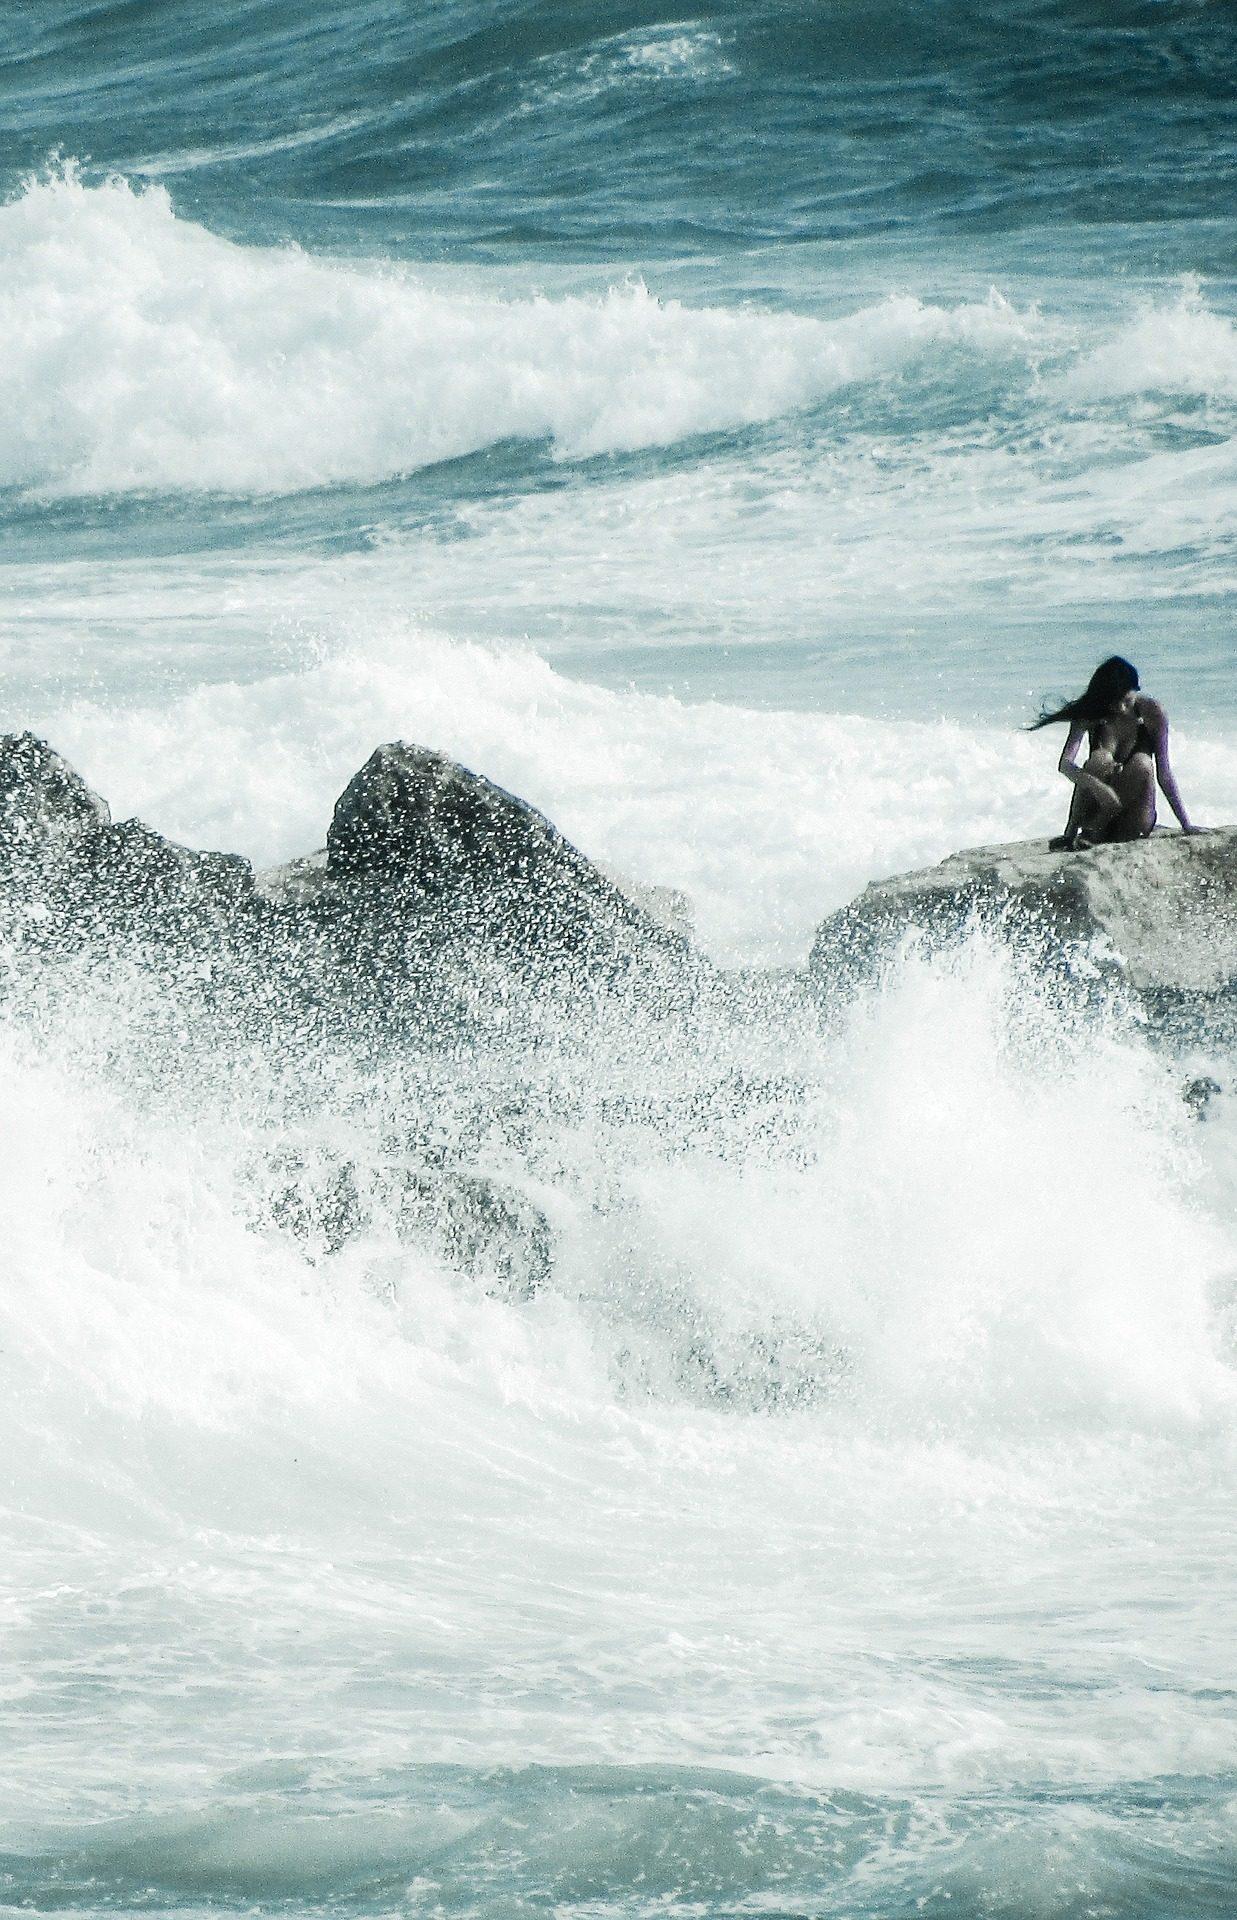 潮, 波, 海, 女性, ブラボー, 危険, リスク - HD の壁紙 - 教授-falken.com